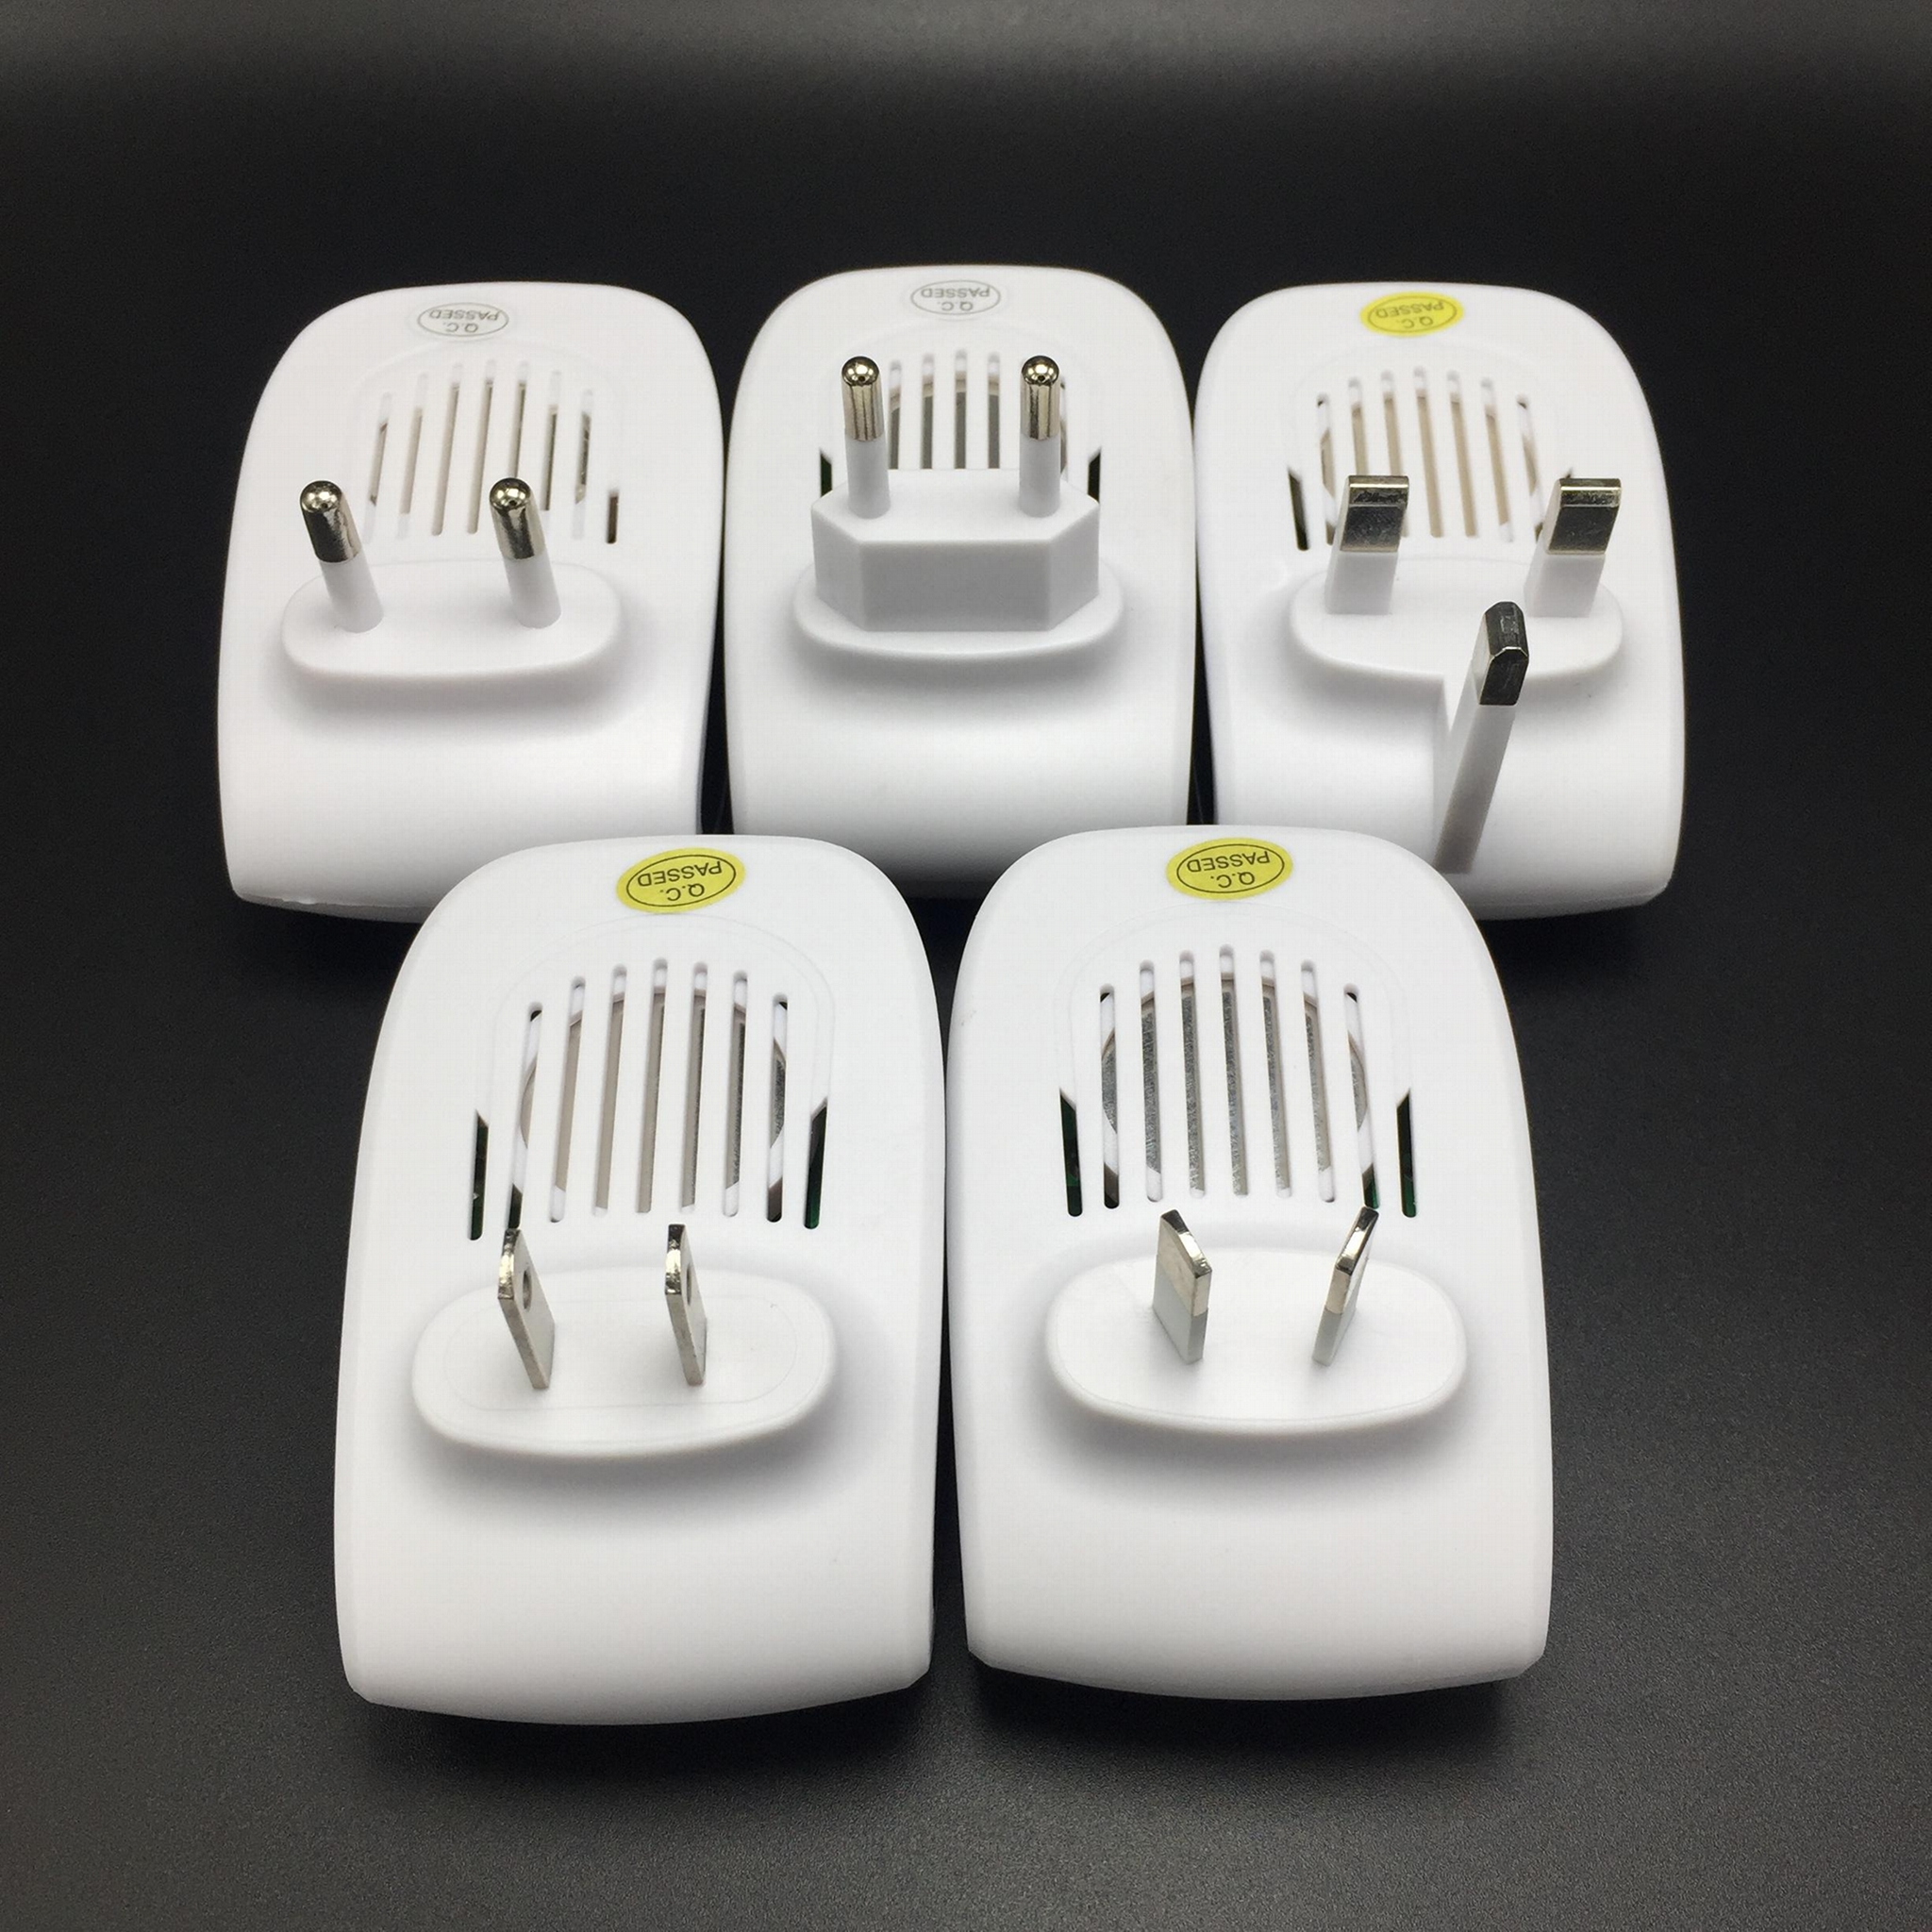 超声波驱虫器电子驱鼠器外贸驱蚊器害虫驱赶器深圳厂家批发OEM 2